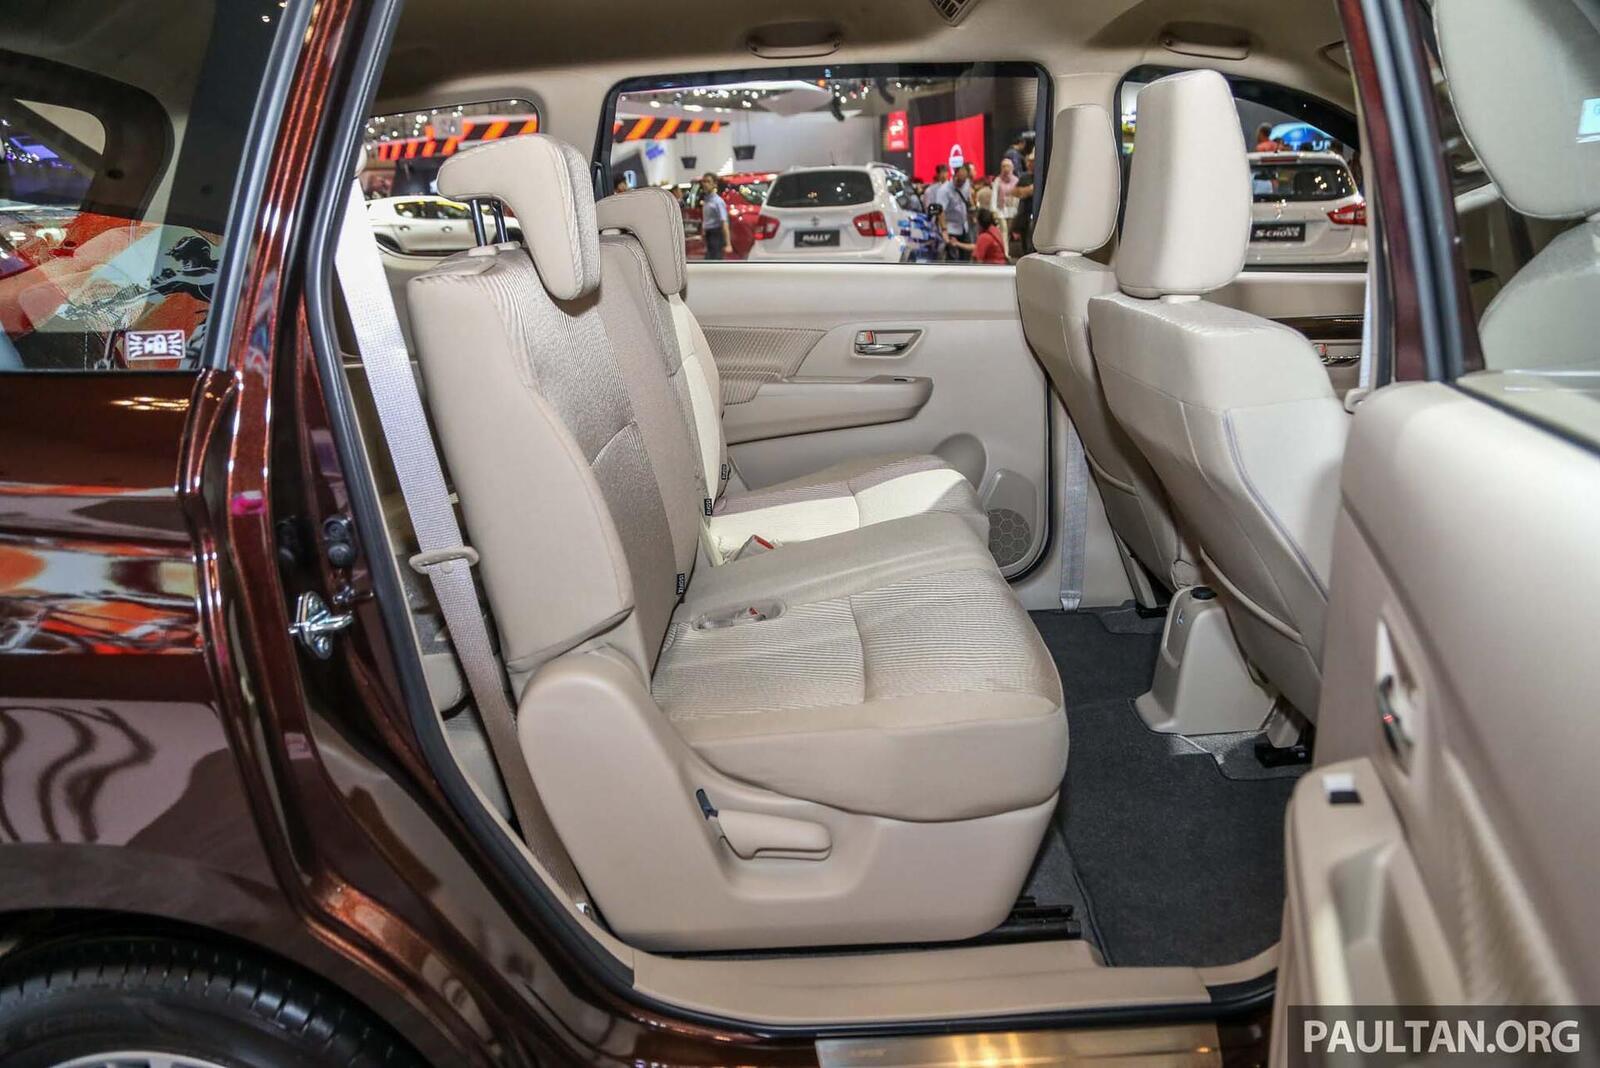 Suzuki Ertiga thế hệ sẽ về Việt Nam trong năm nay; cạnh tranh với Rush và Xpander - Hình 9